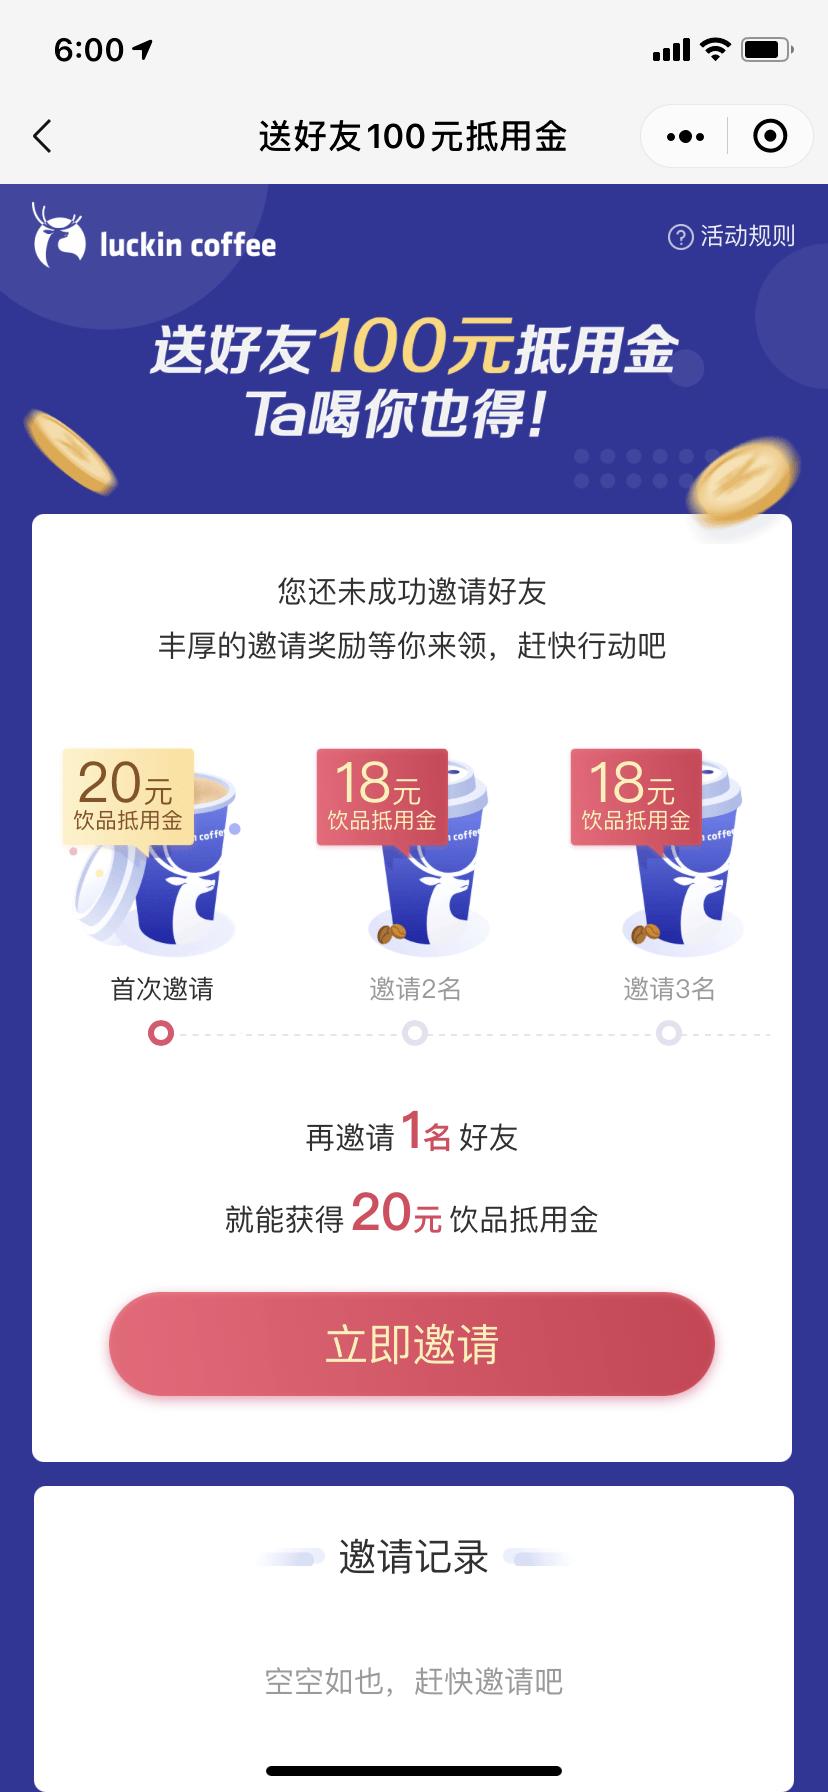 """9100个""""广告群"""",为什么每天能卖出10w杯咖啡? 网络快讯 第7张"""